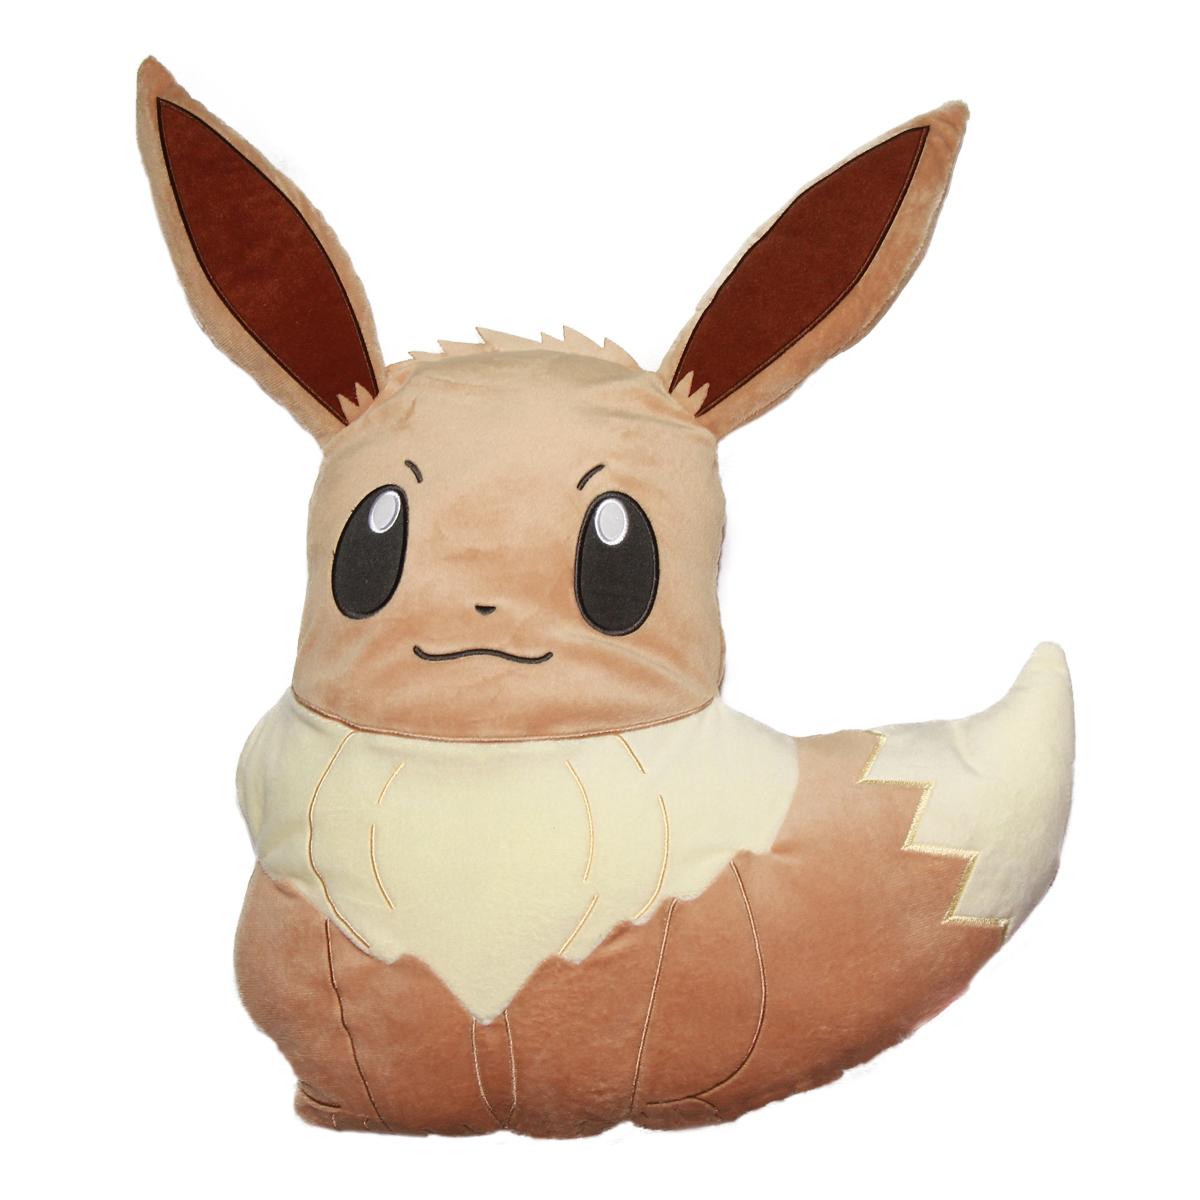 Pokemon Eevee Plush Pillow I Love Eevee 14 Inches Banpresto